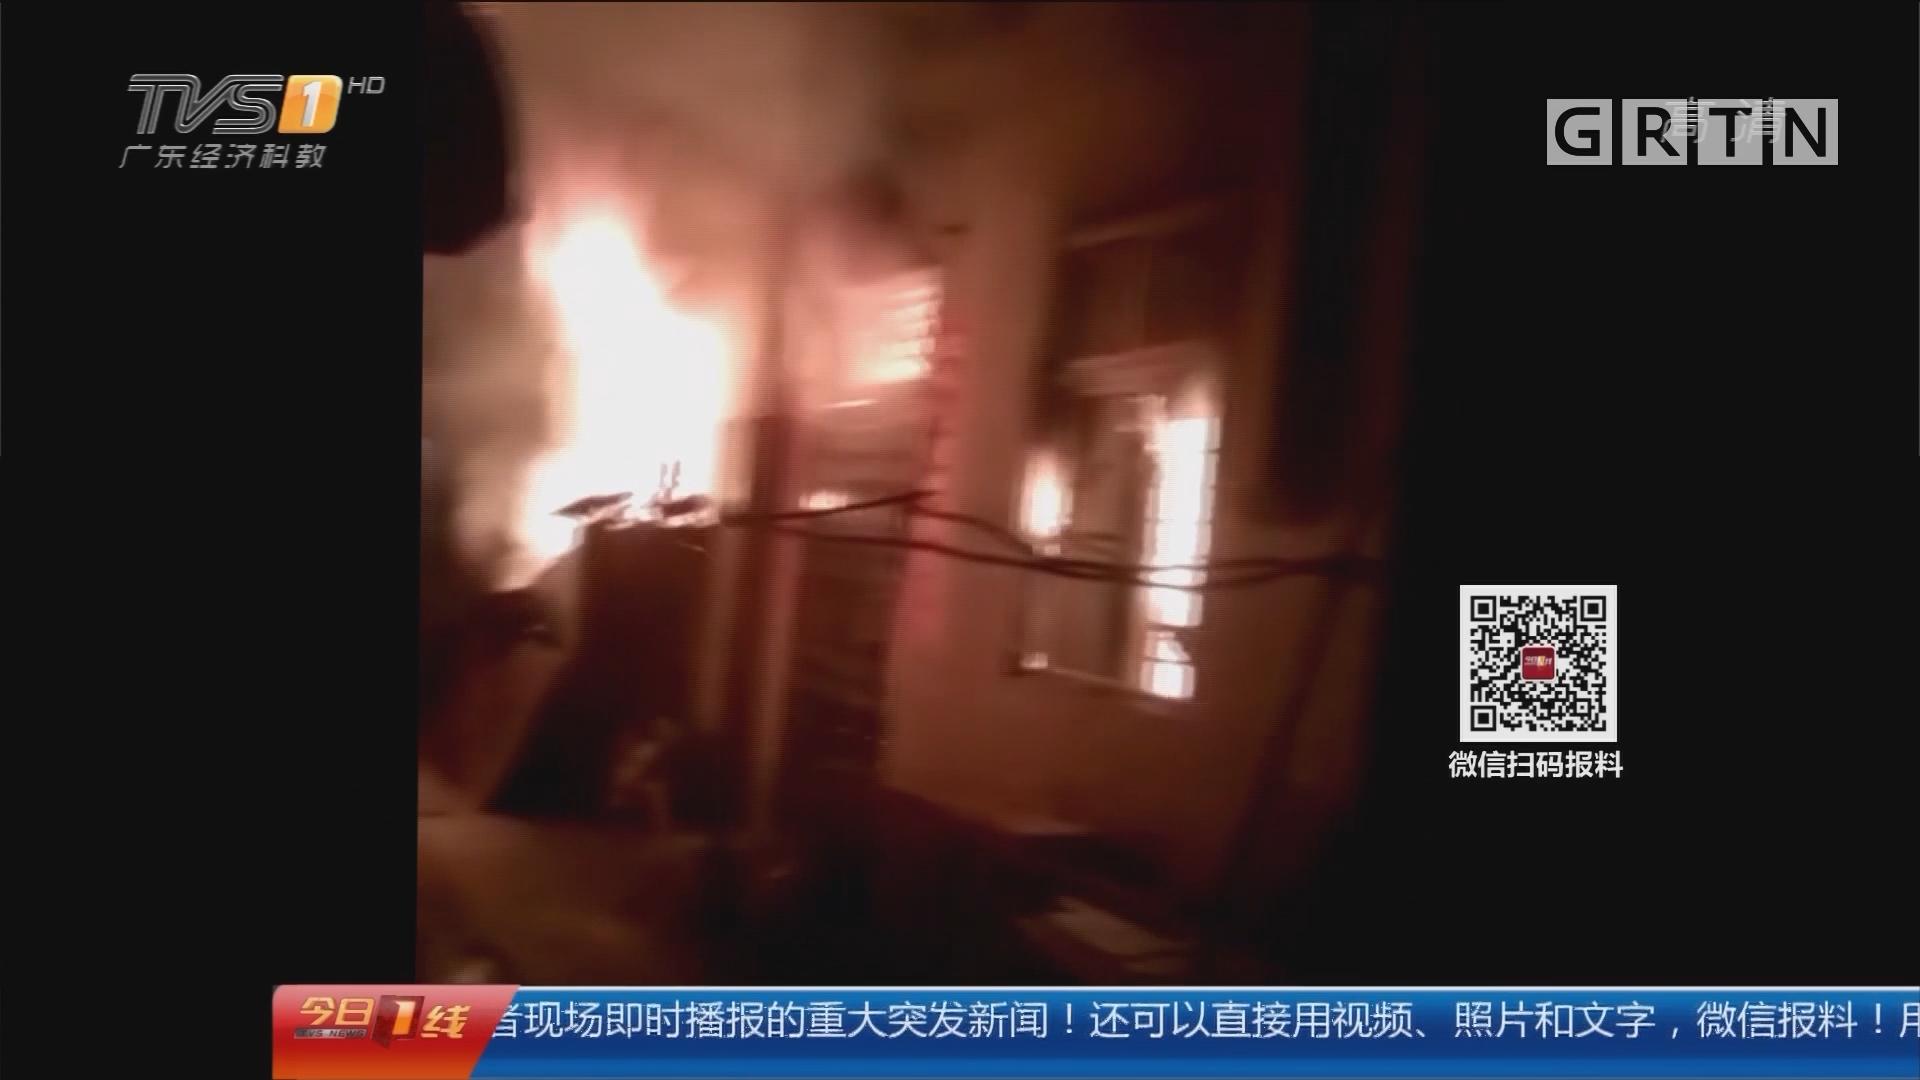 阳西沙扒:民房大火 两小伙徒手接住坠楼小女孩